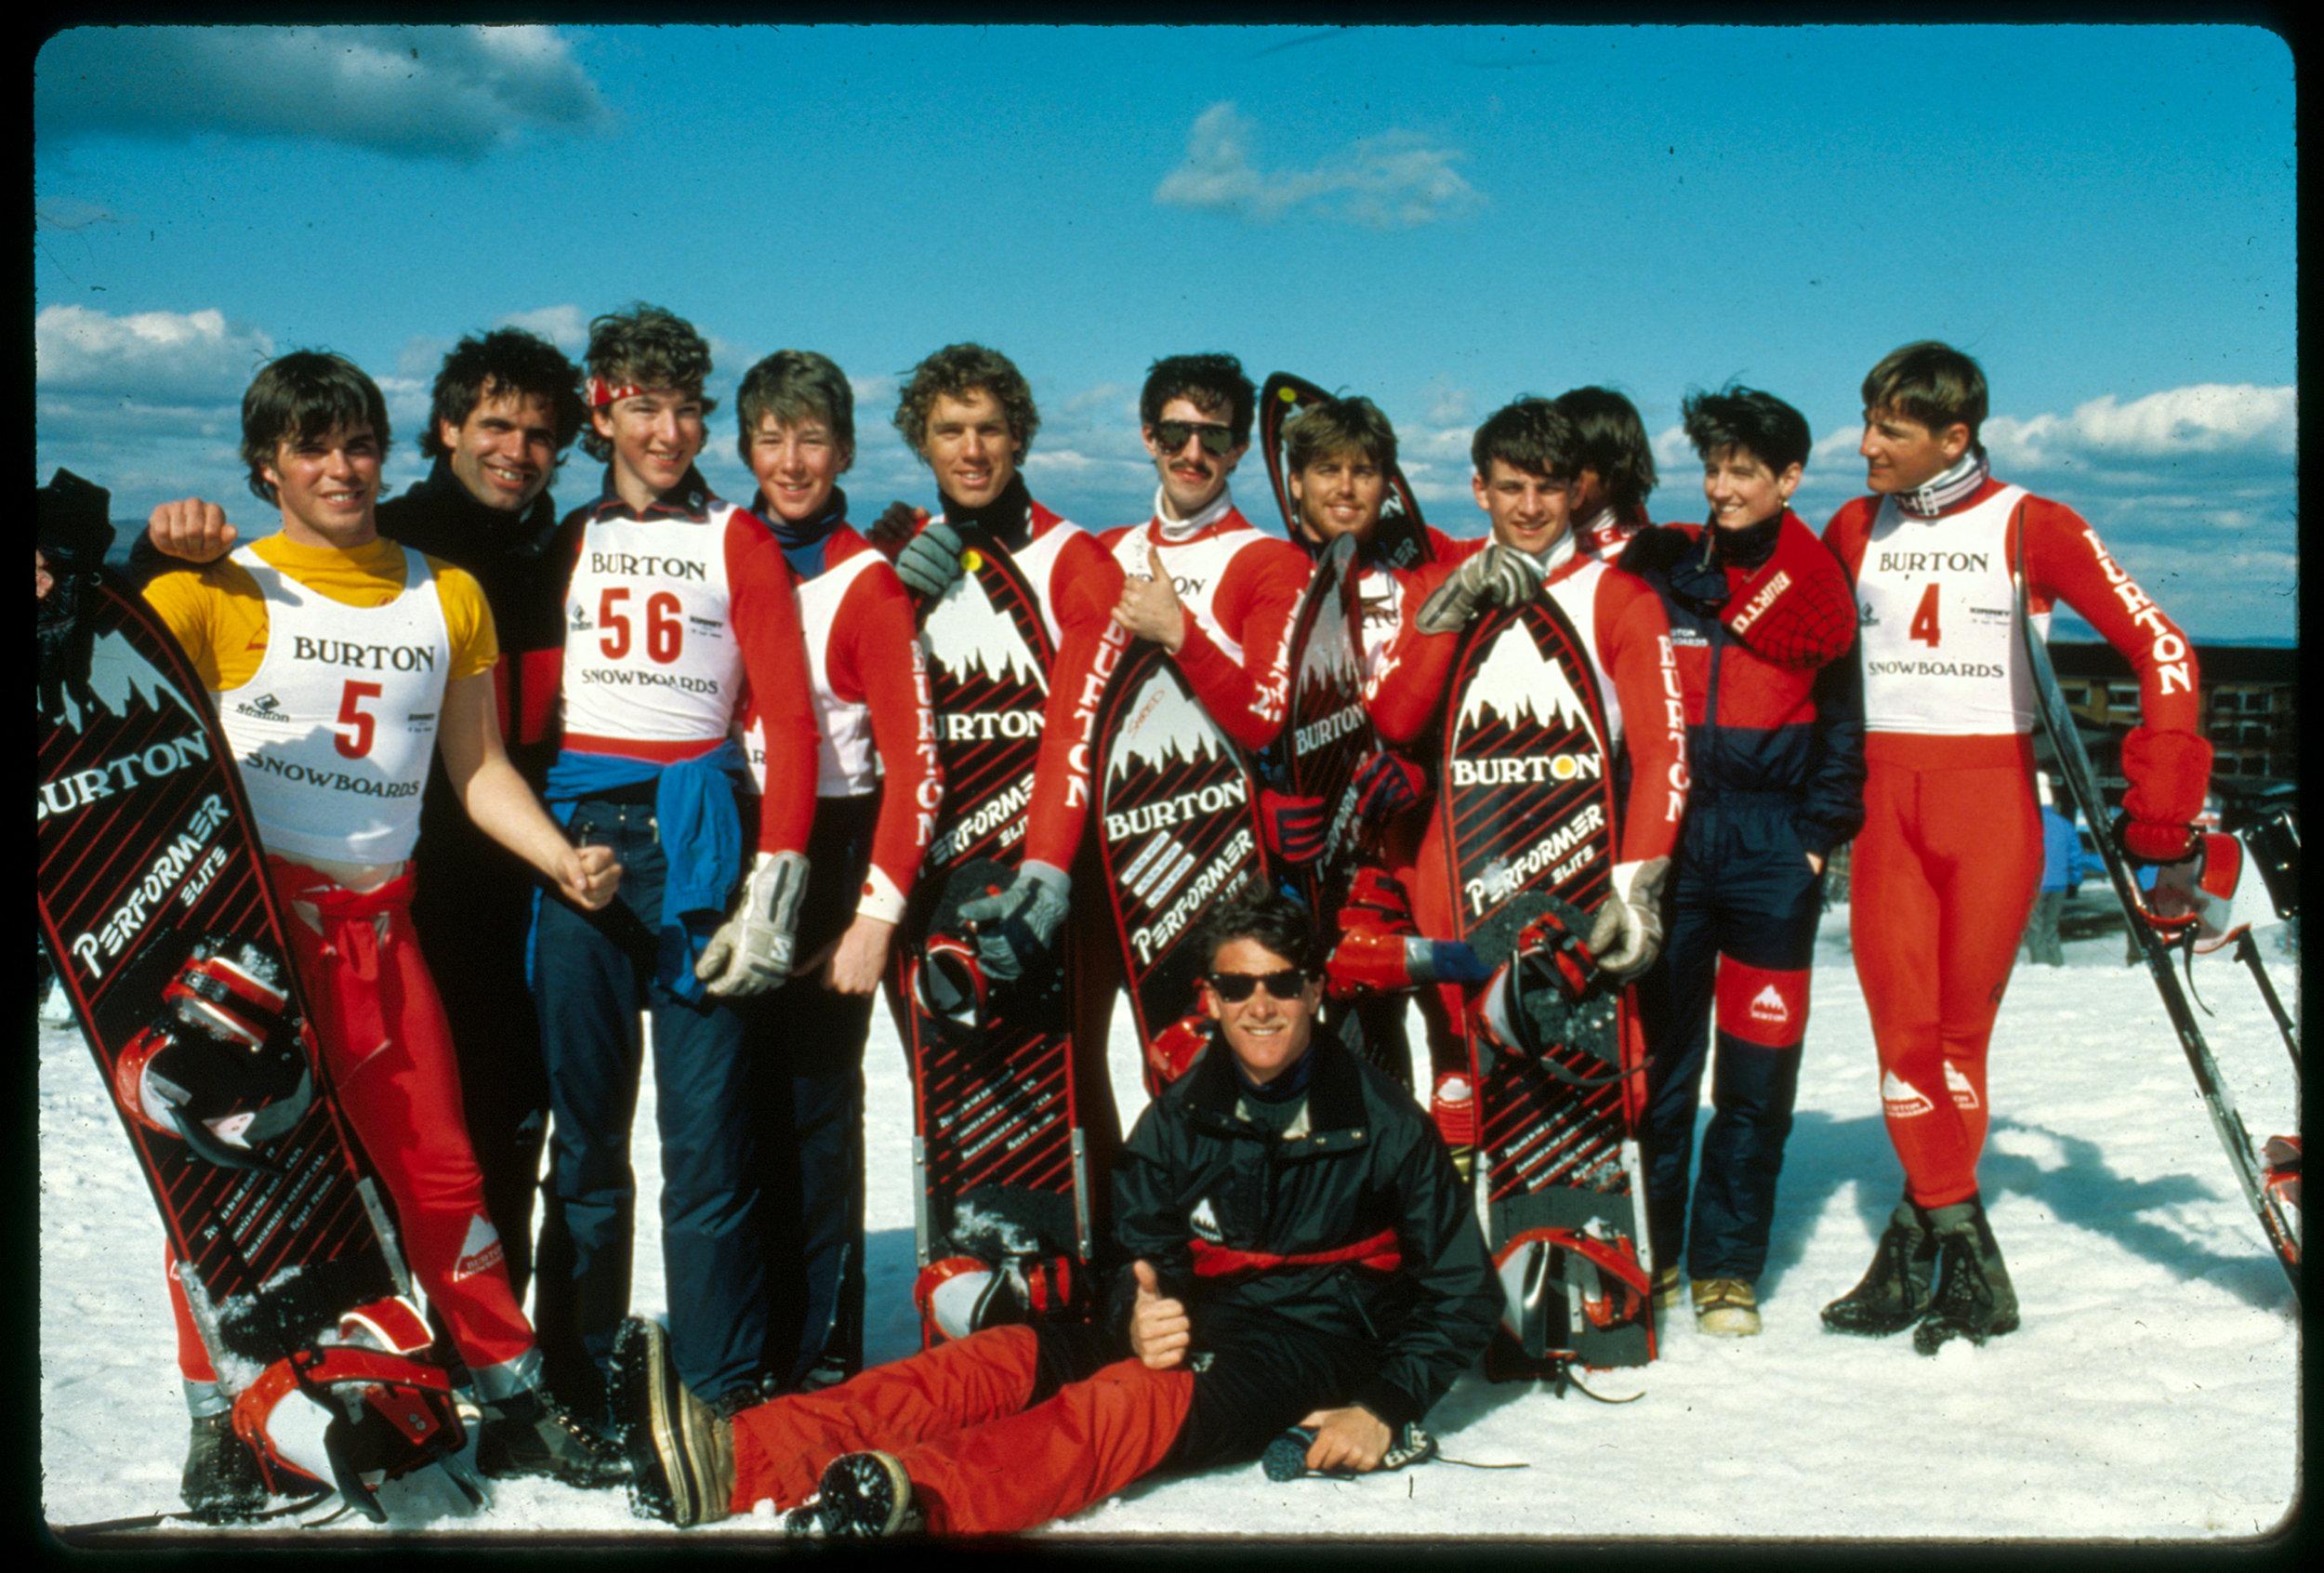 Burton Team at Stratton, 1984